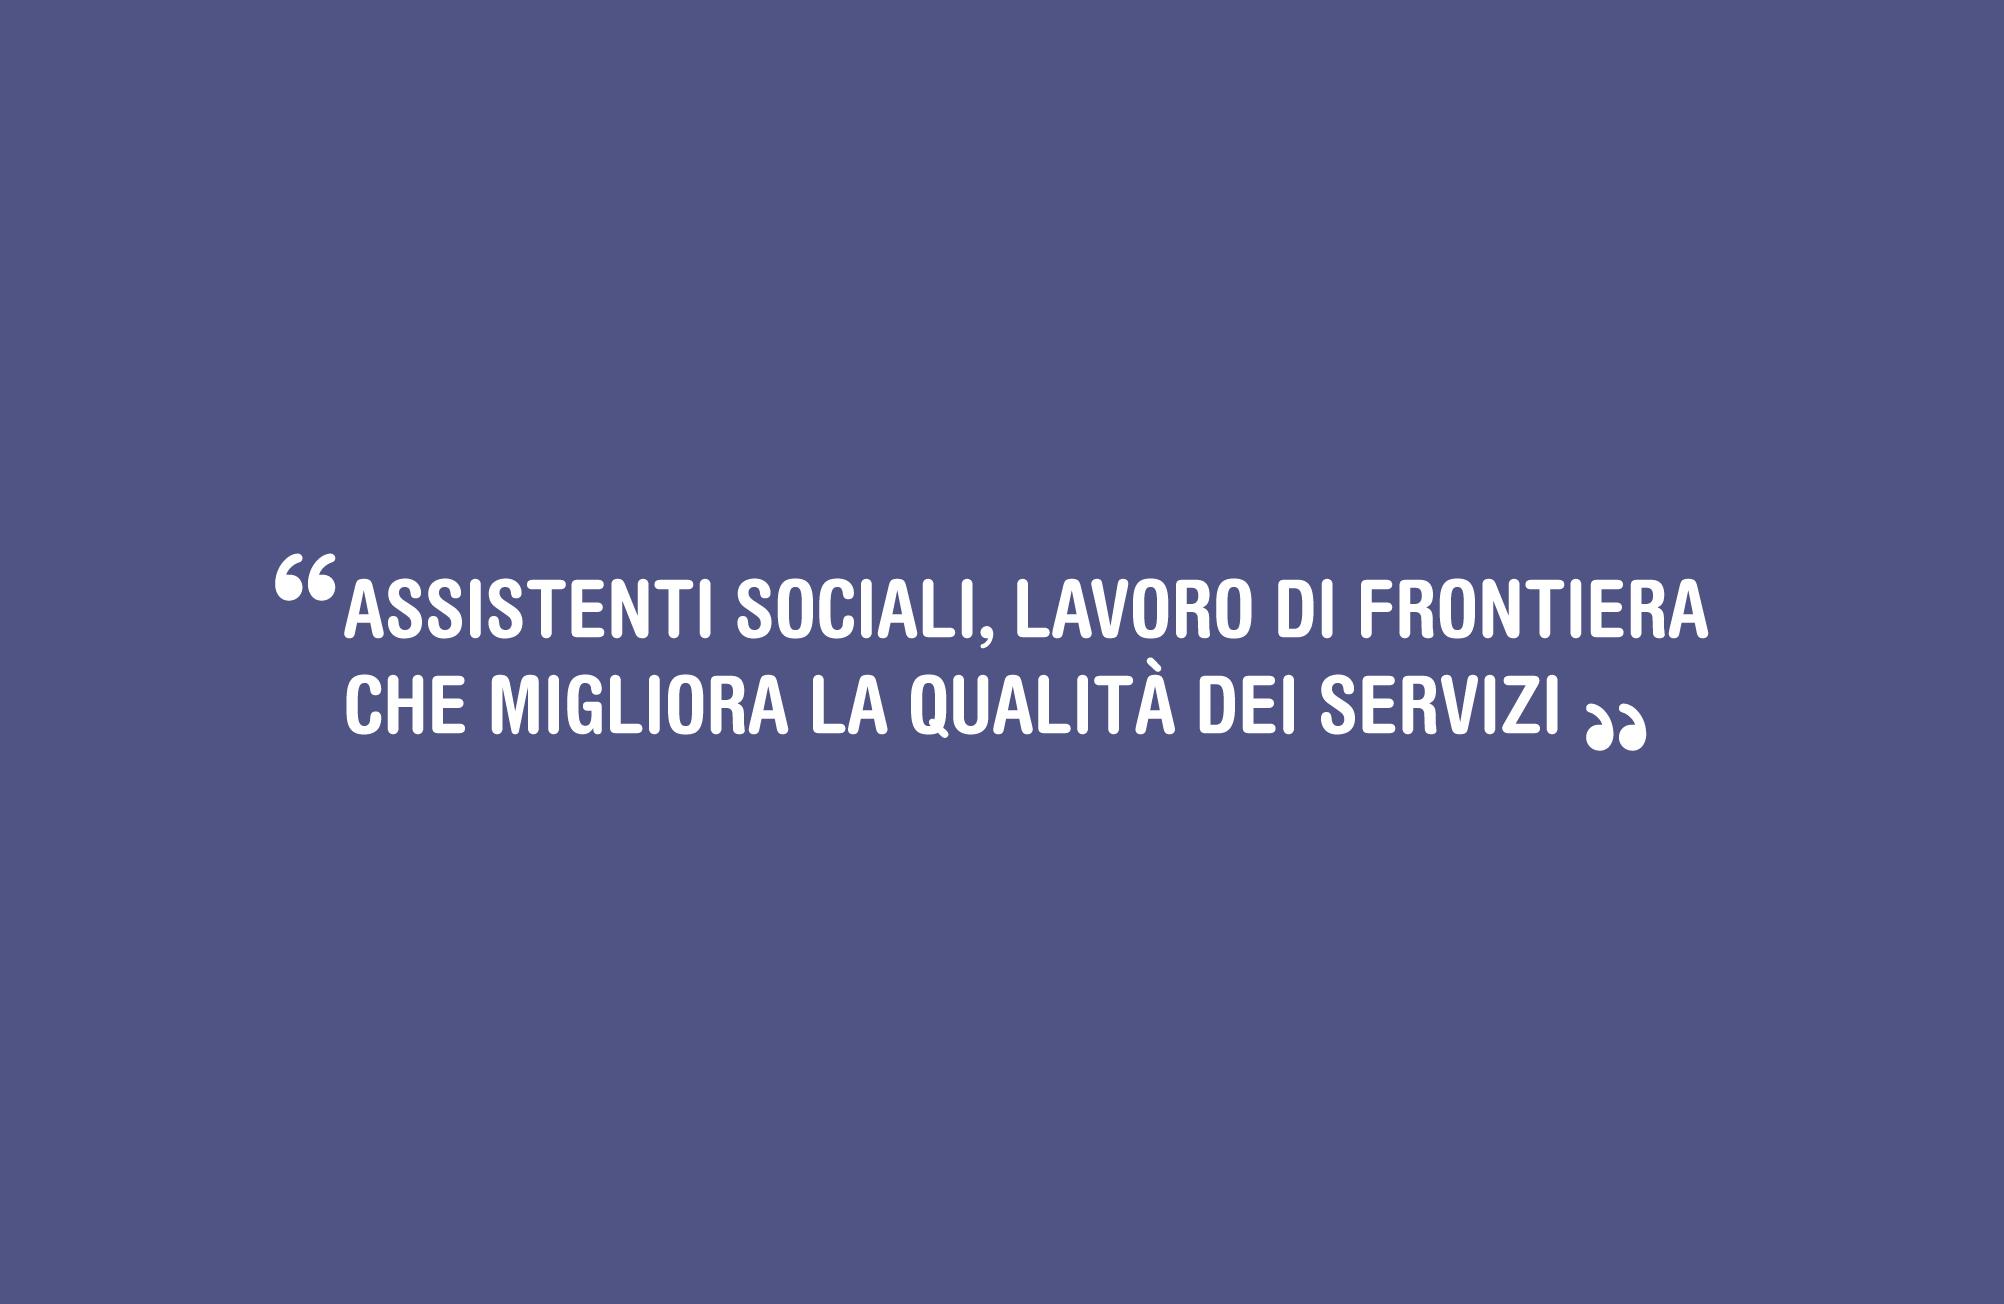 Assistenti Sociali: lavoro di frontiera che migliora la qualità dei servizi